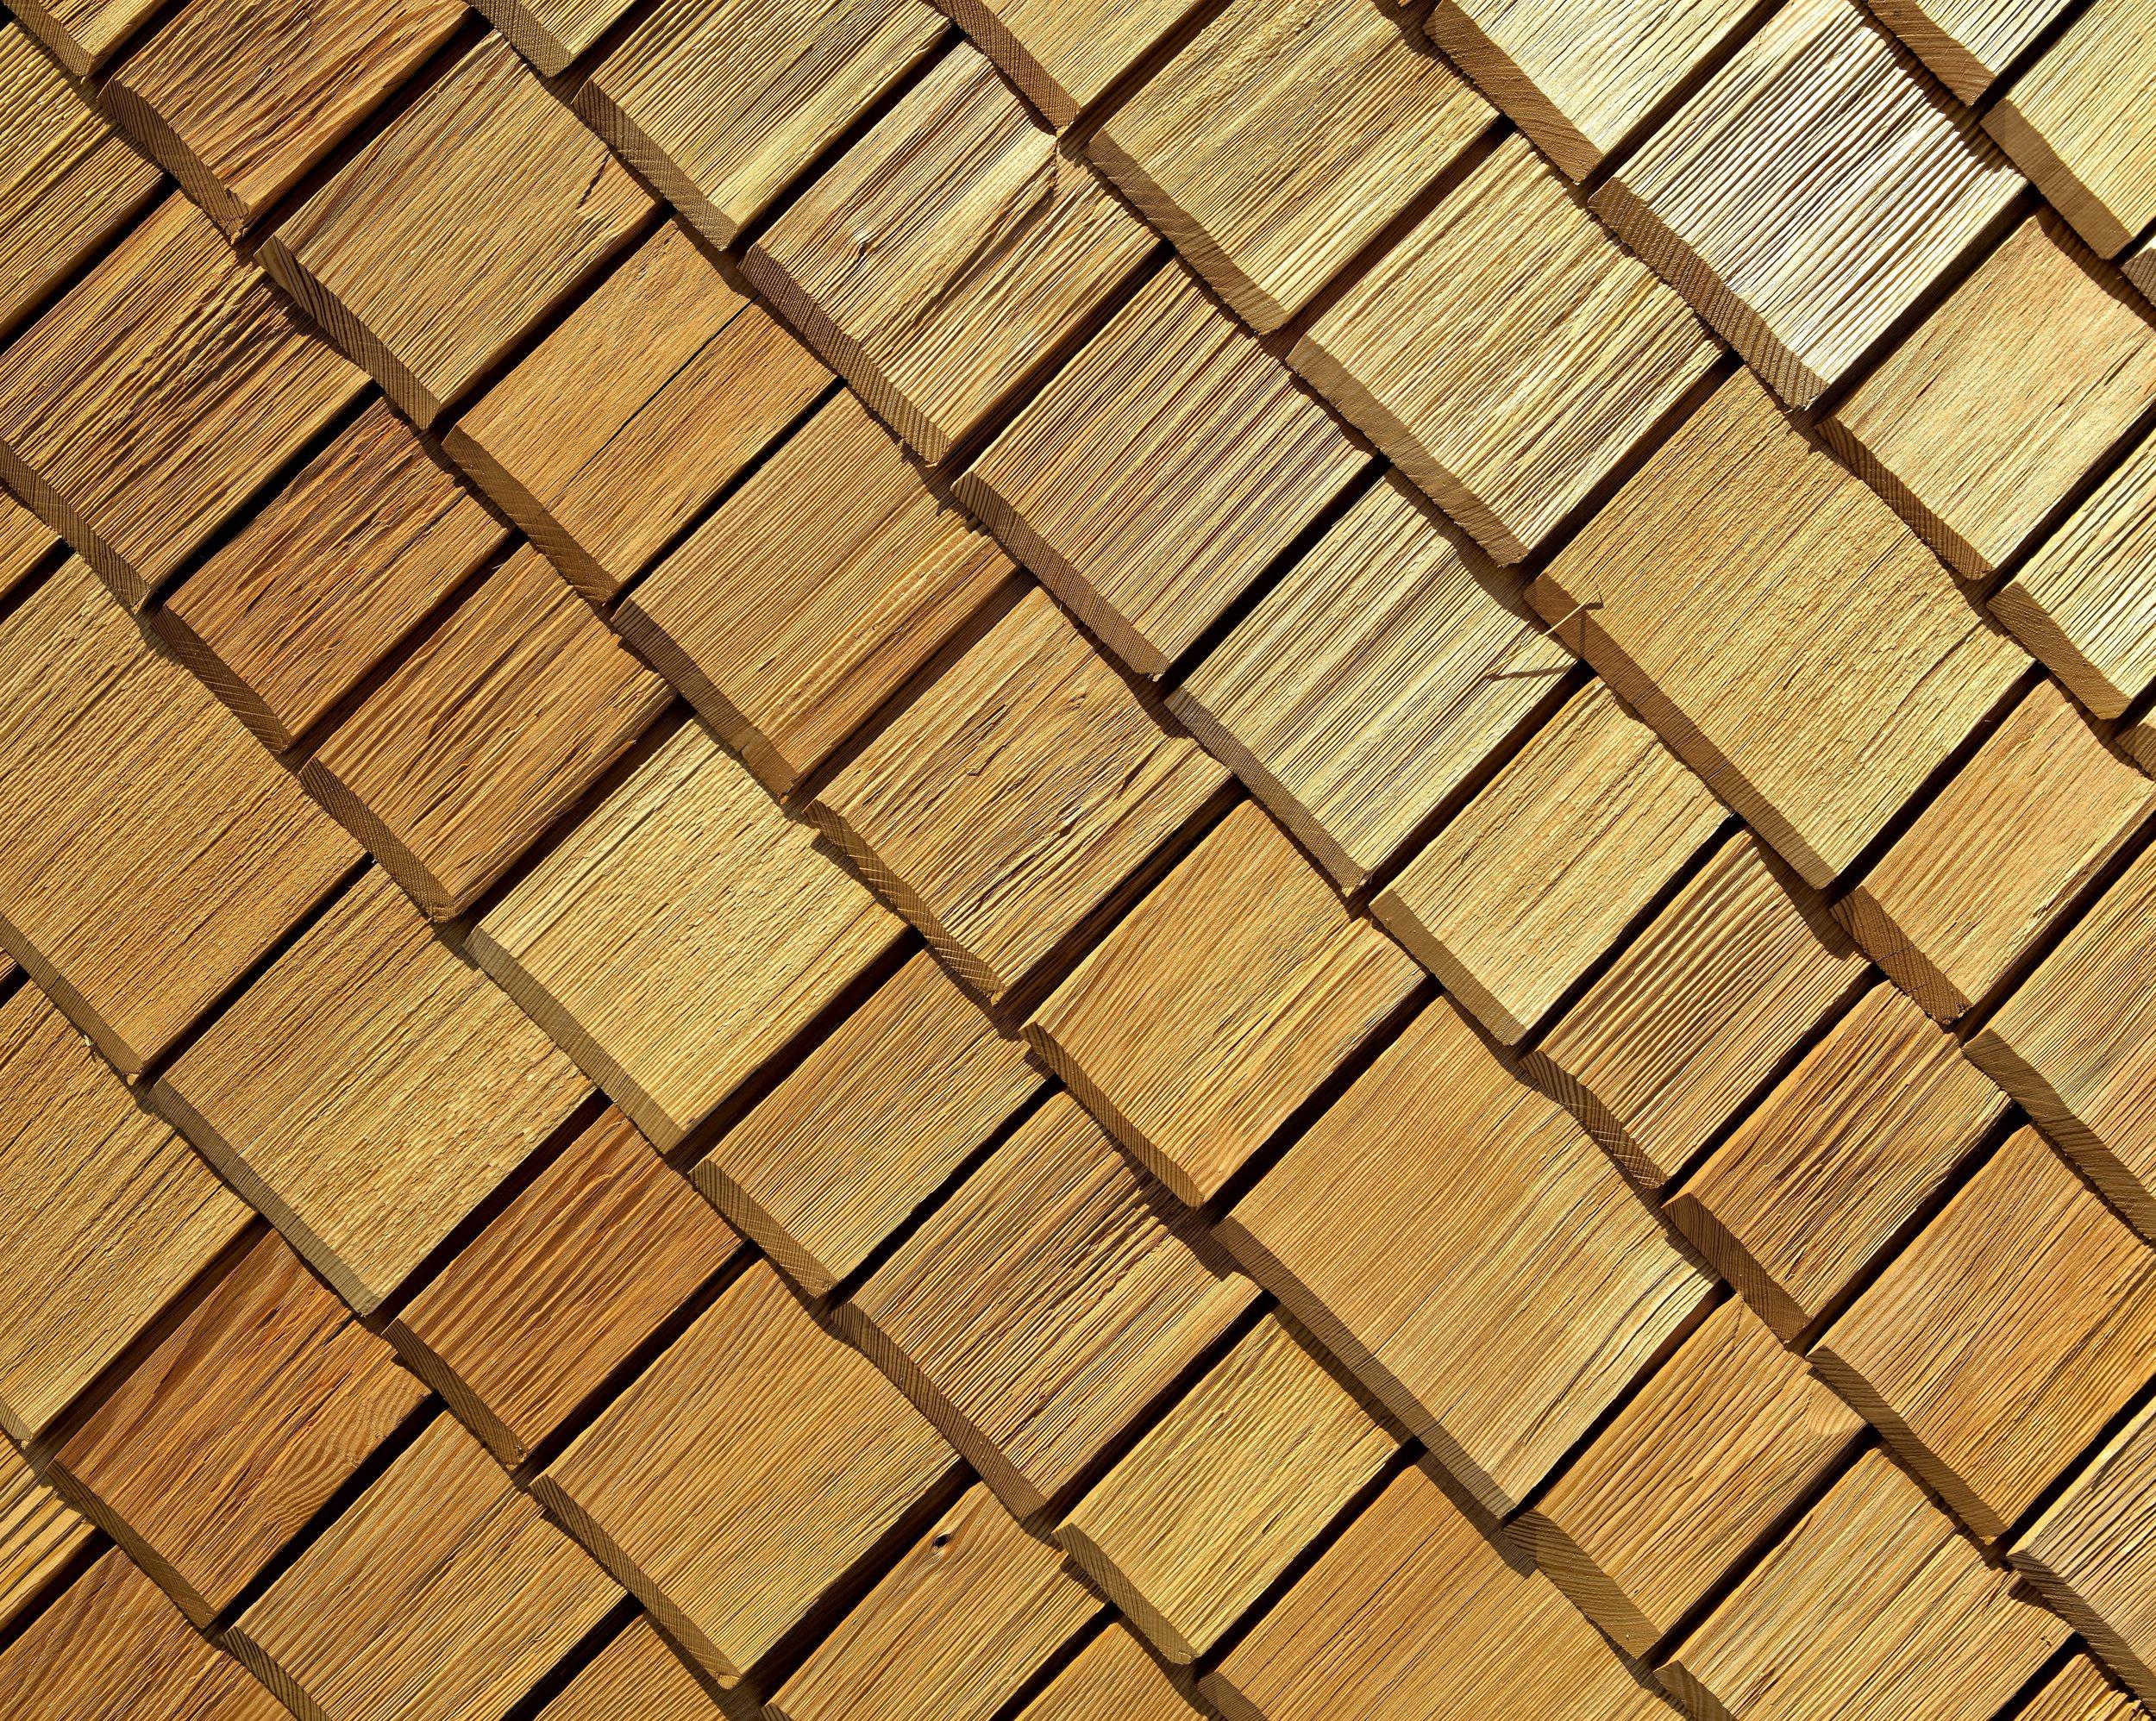 real-wood-roofing-shakes-heavy-cedar-shakes.jpg